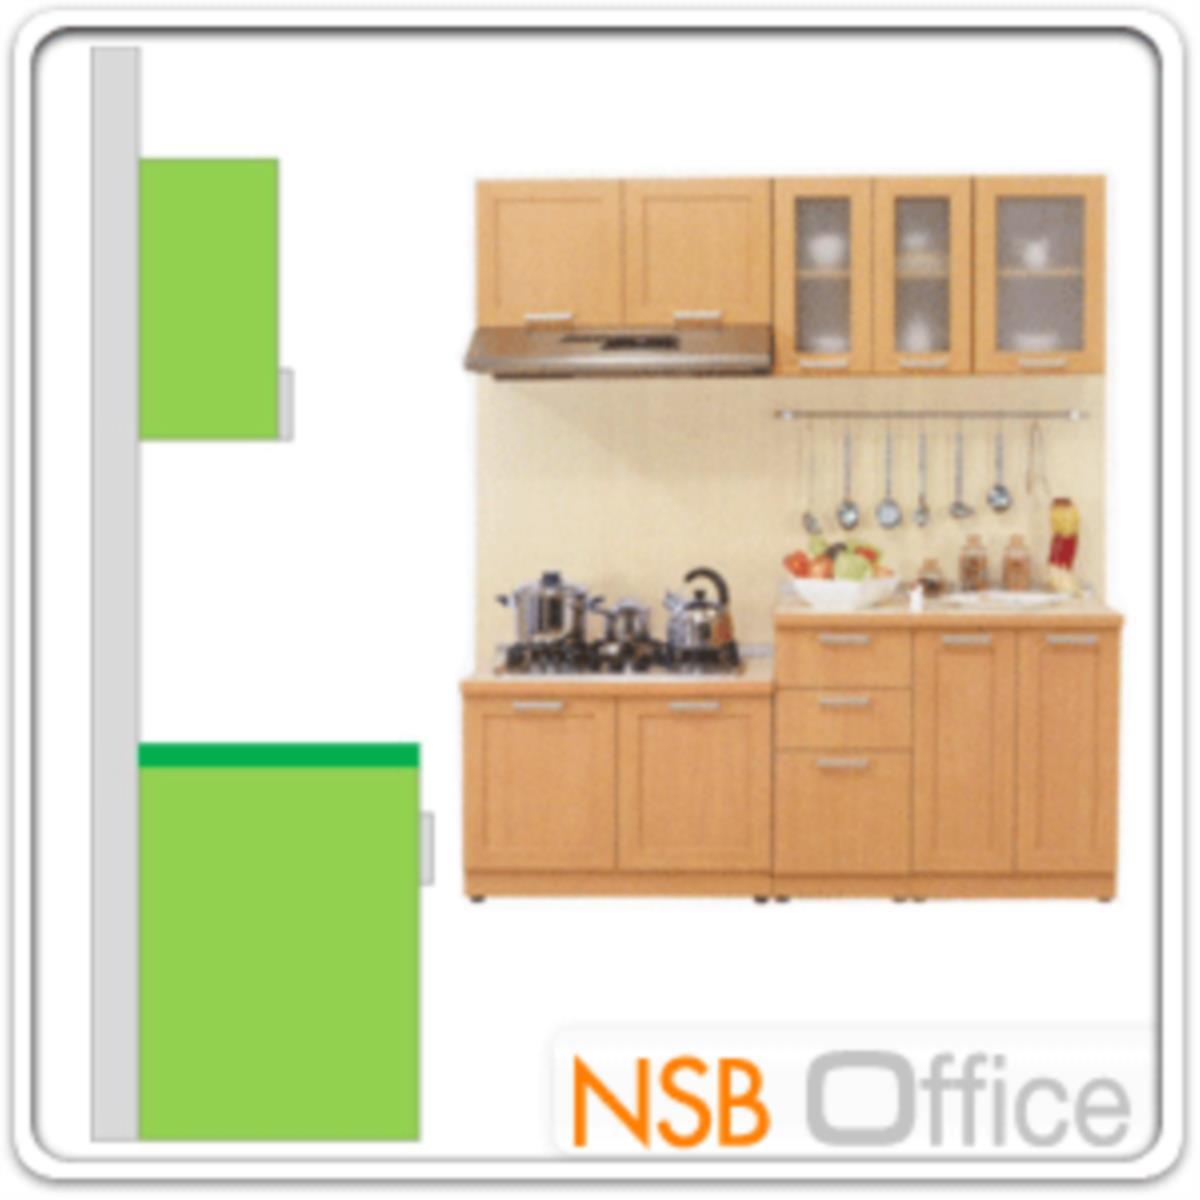 ชุดตู้ครัวหน้าเรียบ 190W cm. รุ่น STEP-005  พร้อมตู้แขวนลอย